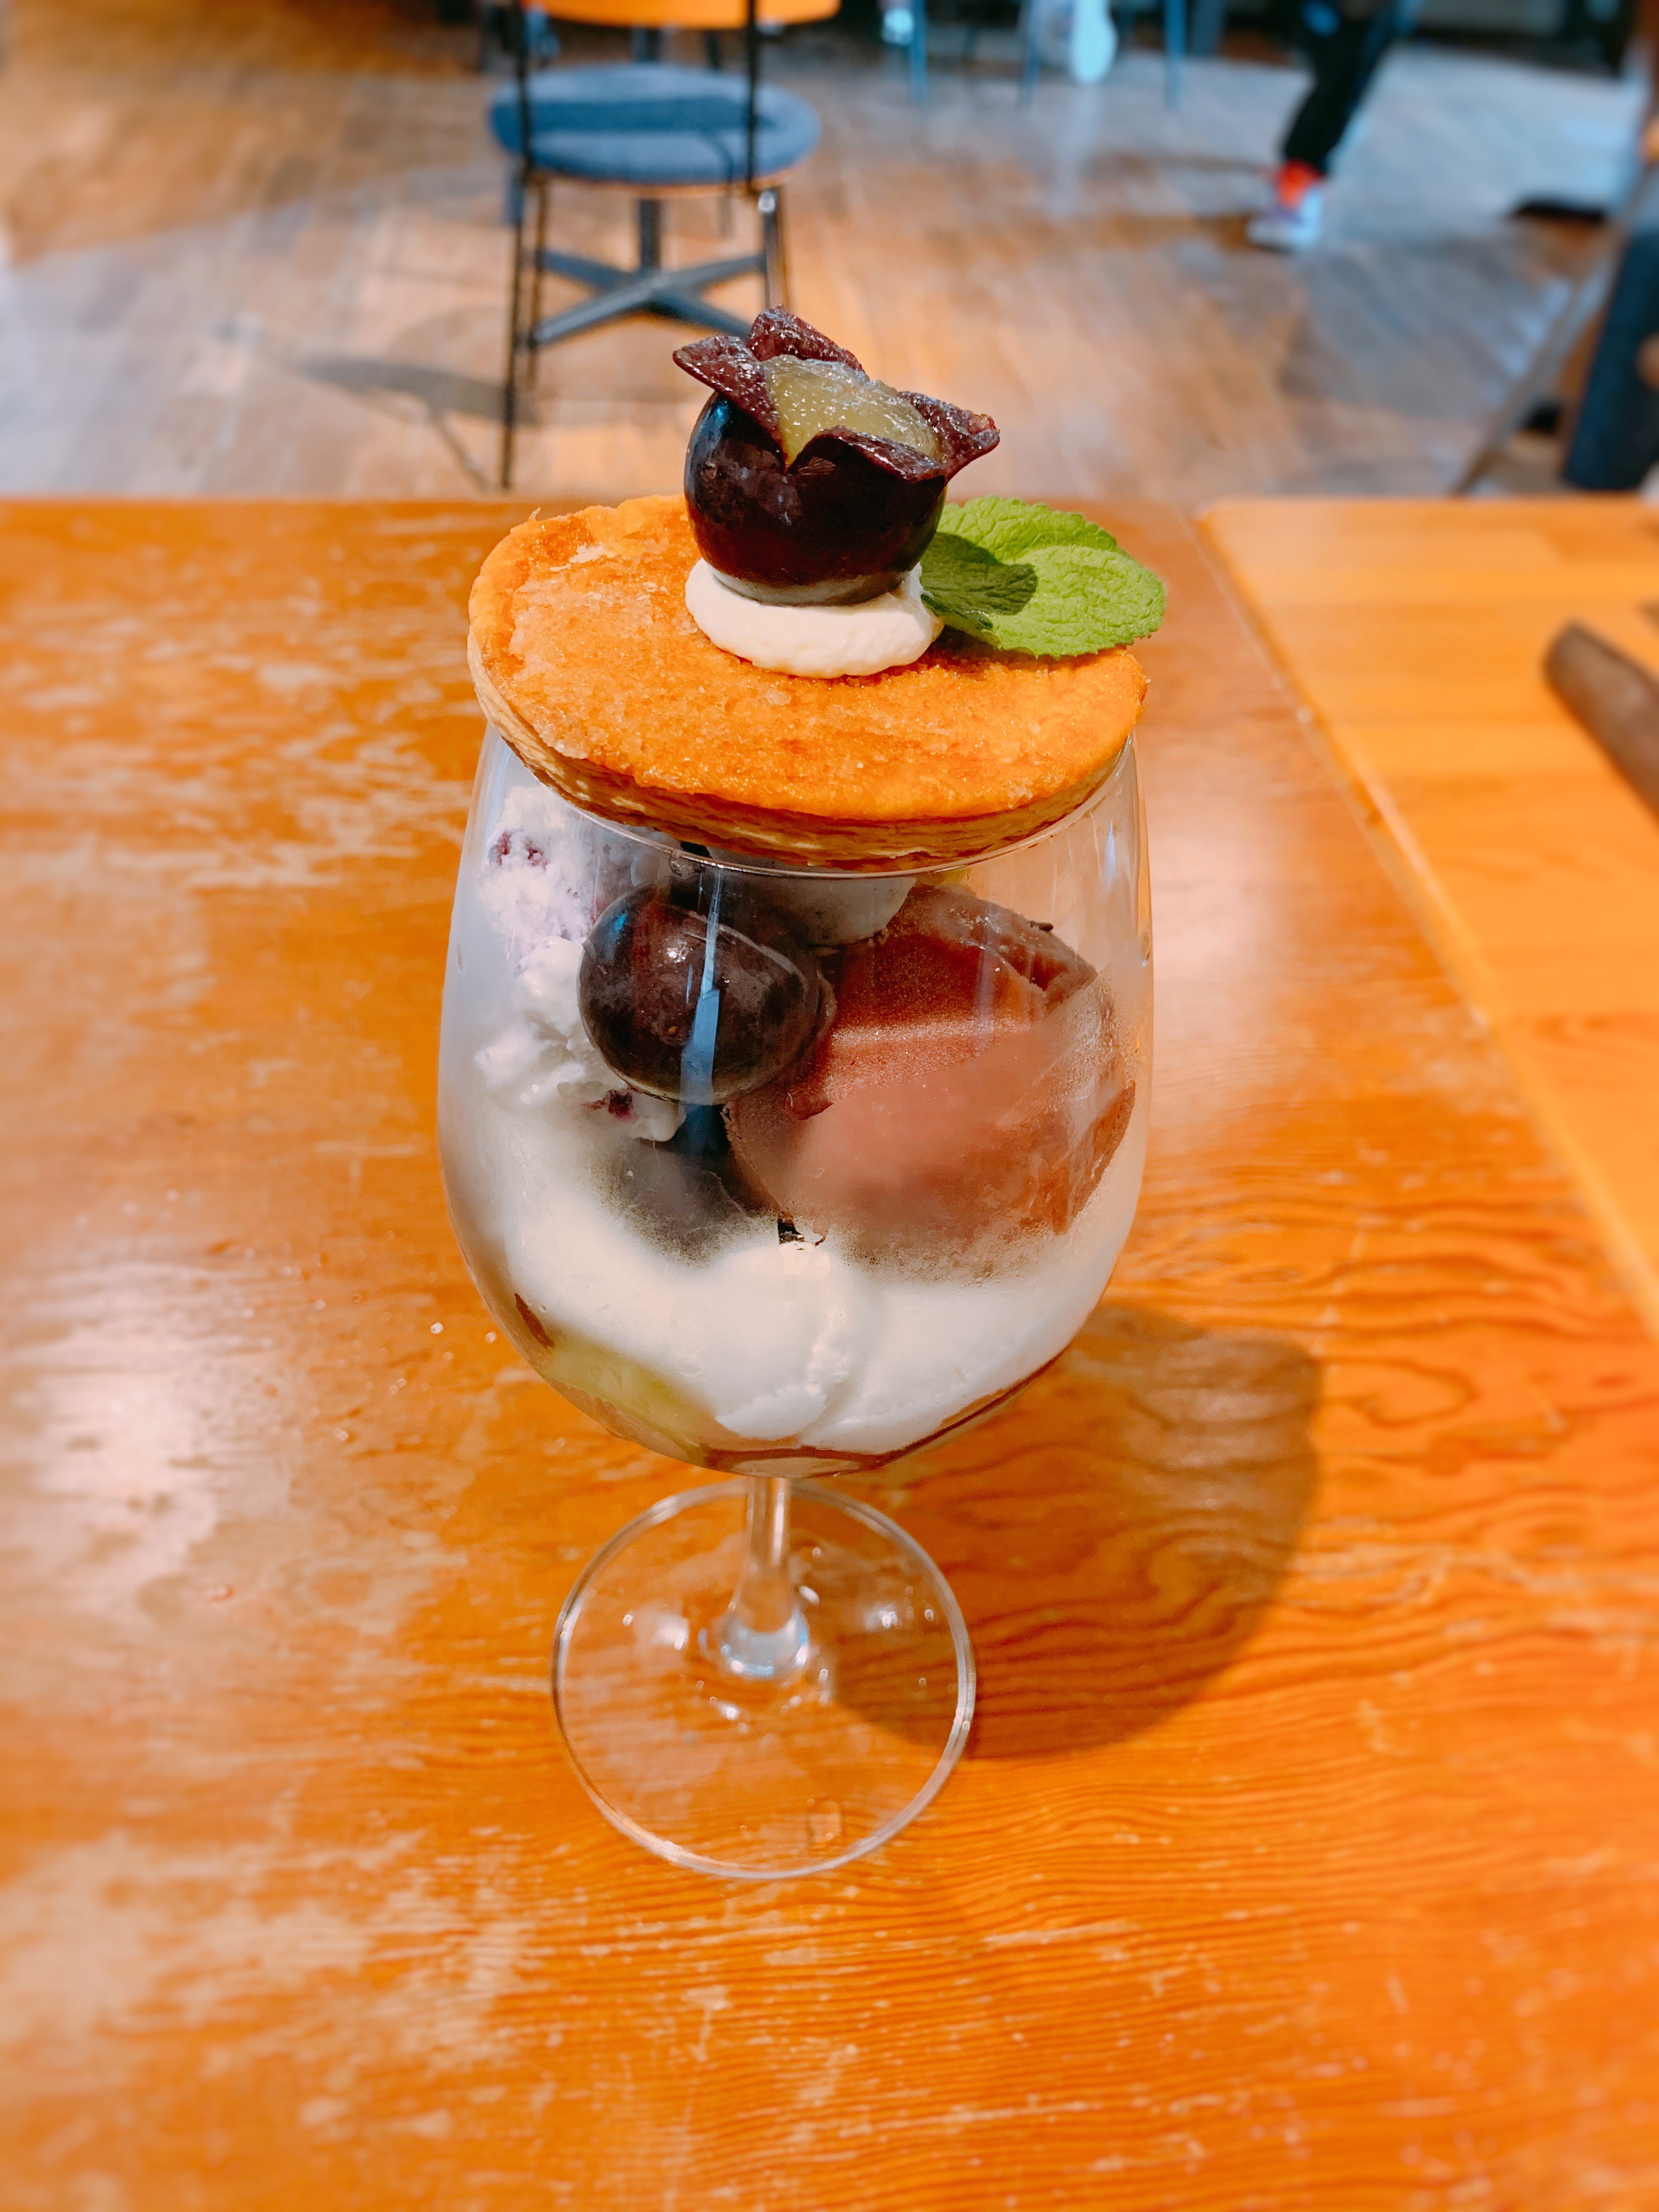 【おすすめカフェ】旬の《桃がまるごと&葡萄がたっぷり》詰まったジューシーなパフェ♡_7